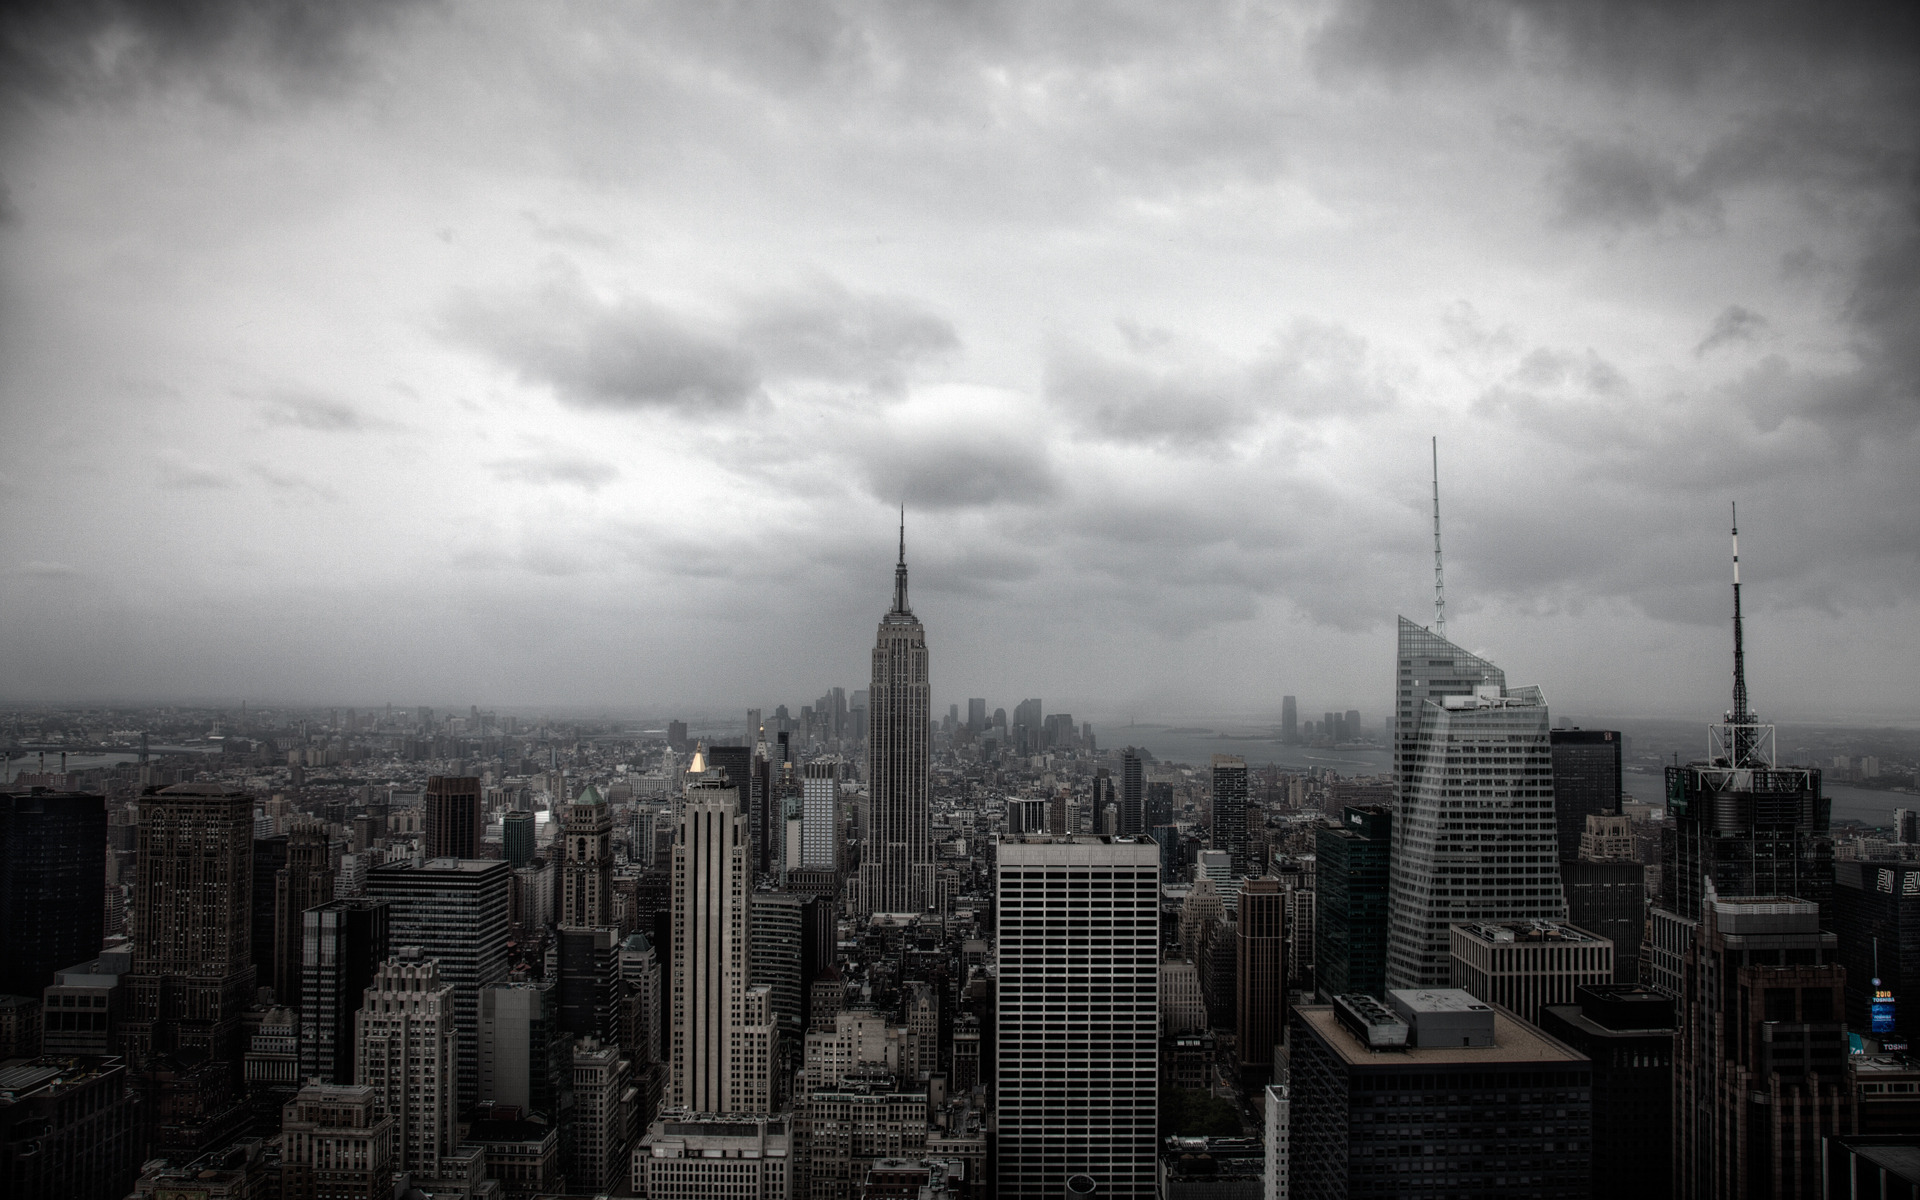 только город в сером цвете картинки пока пользуюсь